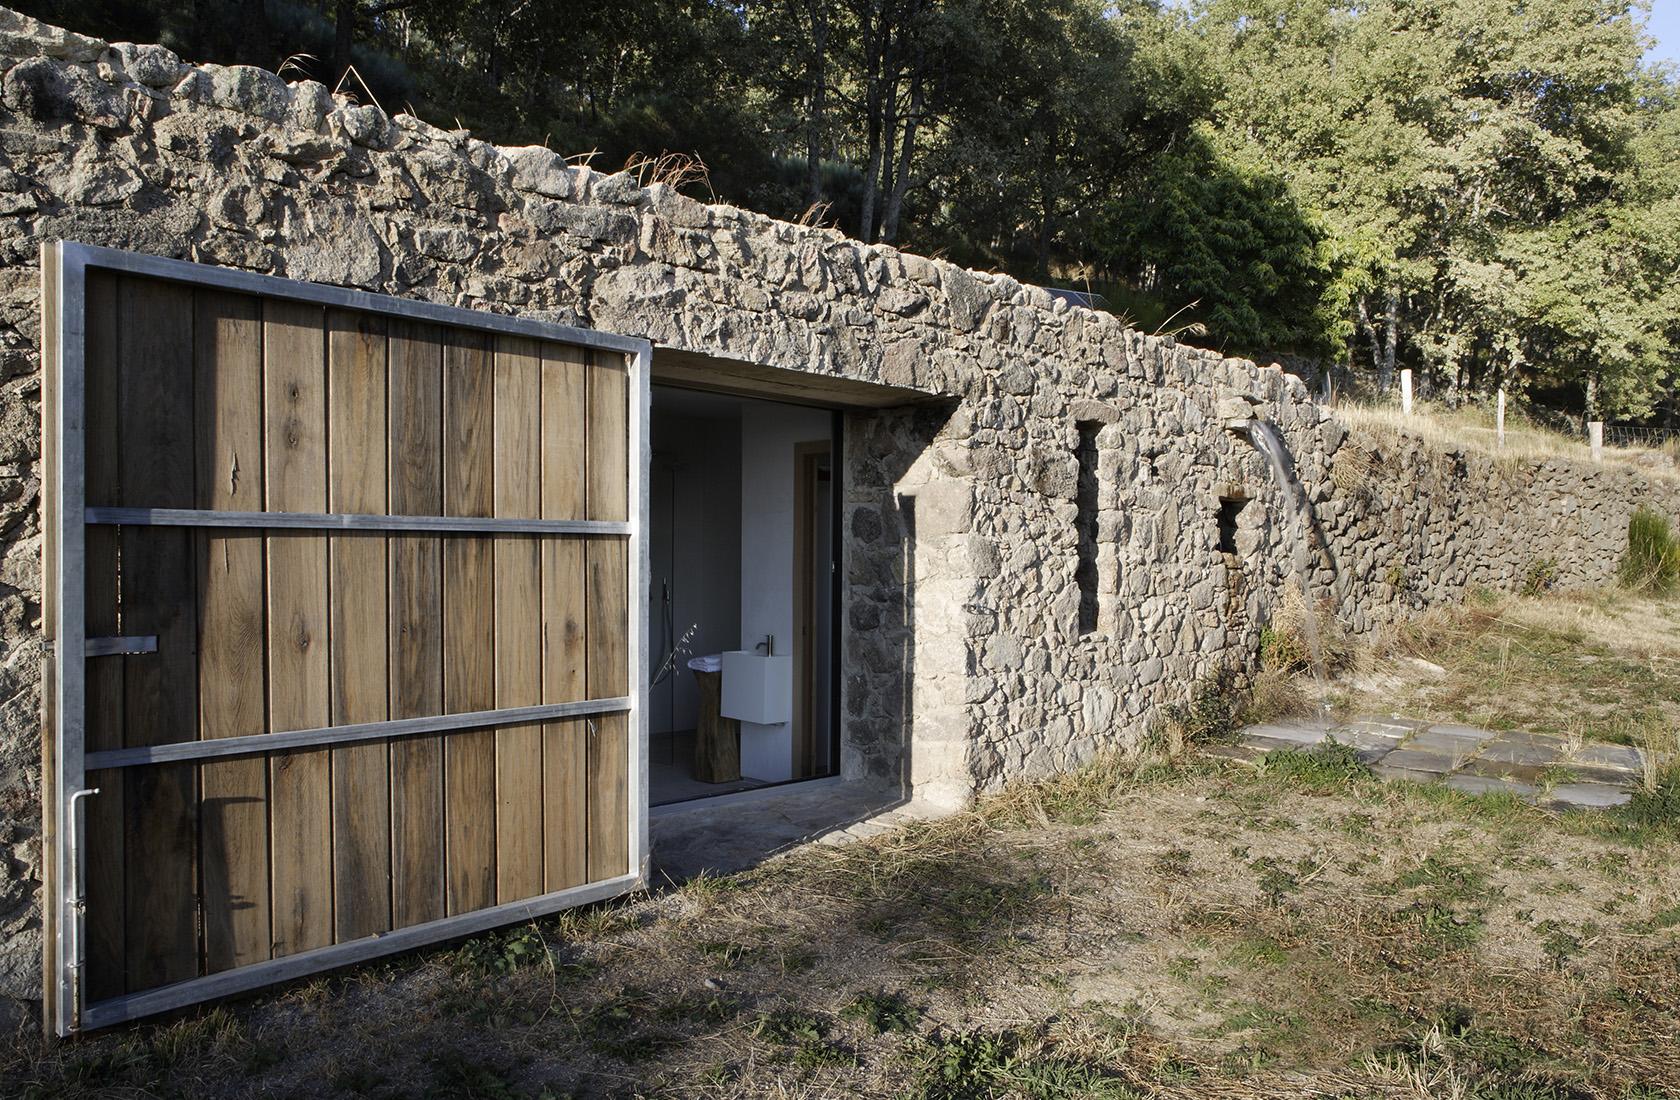 Contraventana de madera con acceso a la habitación